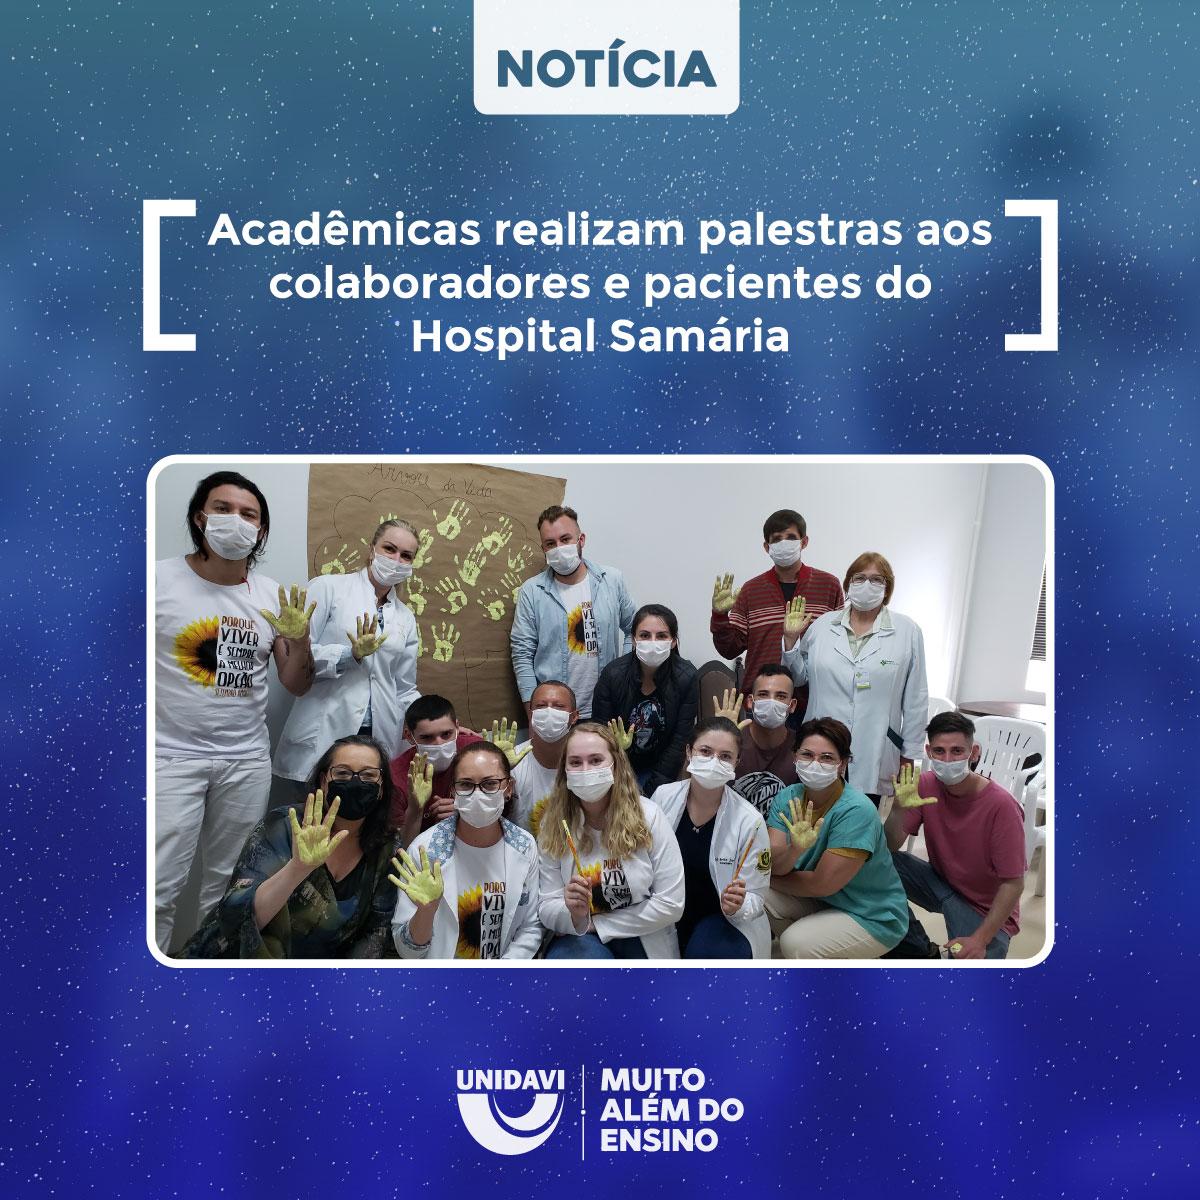 Acadêmicas realizam palestras aos colaboradores e pacientes do Hospital Samária